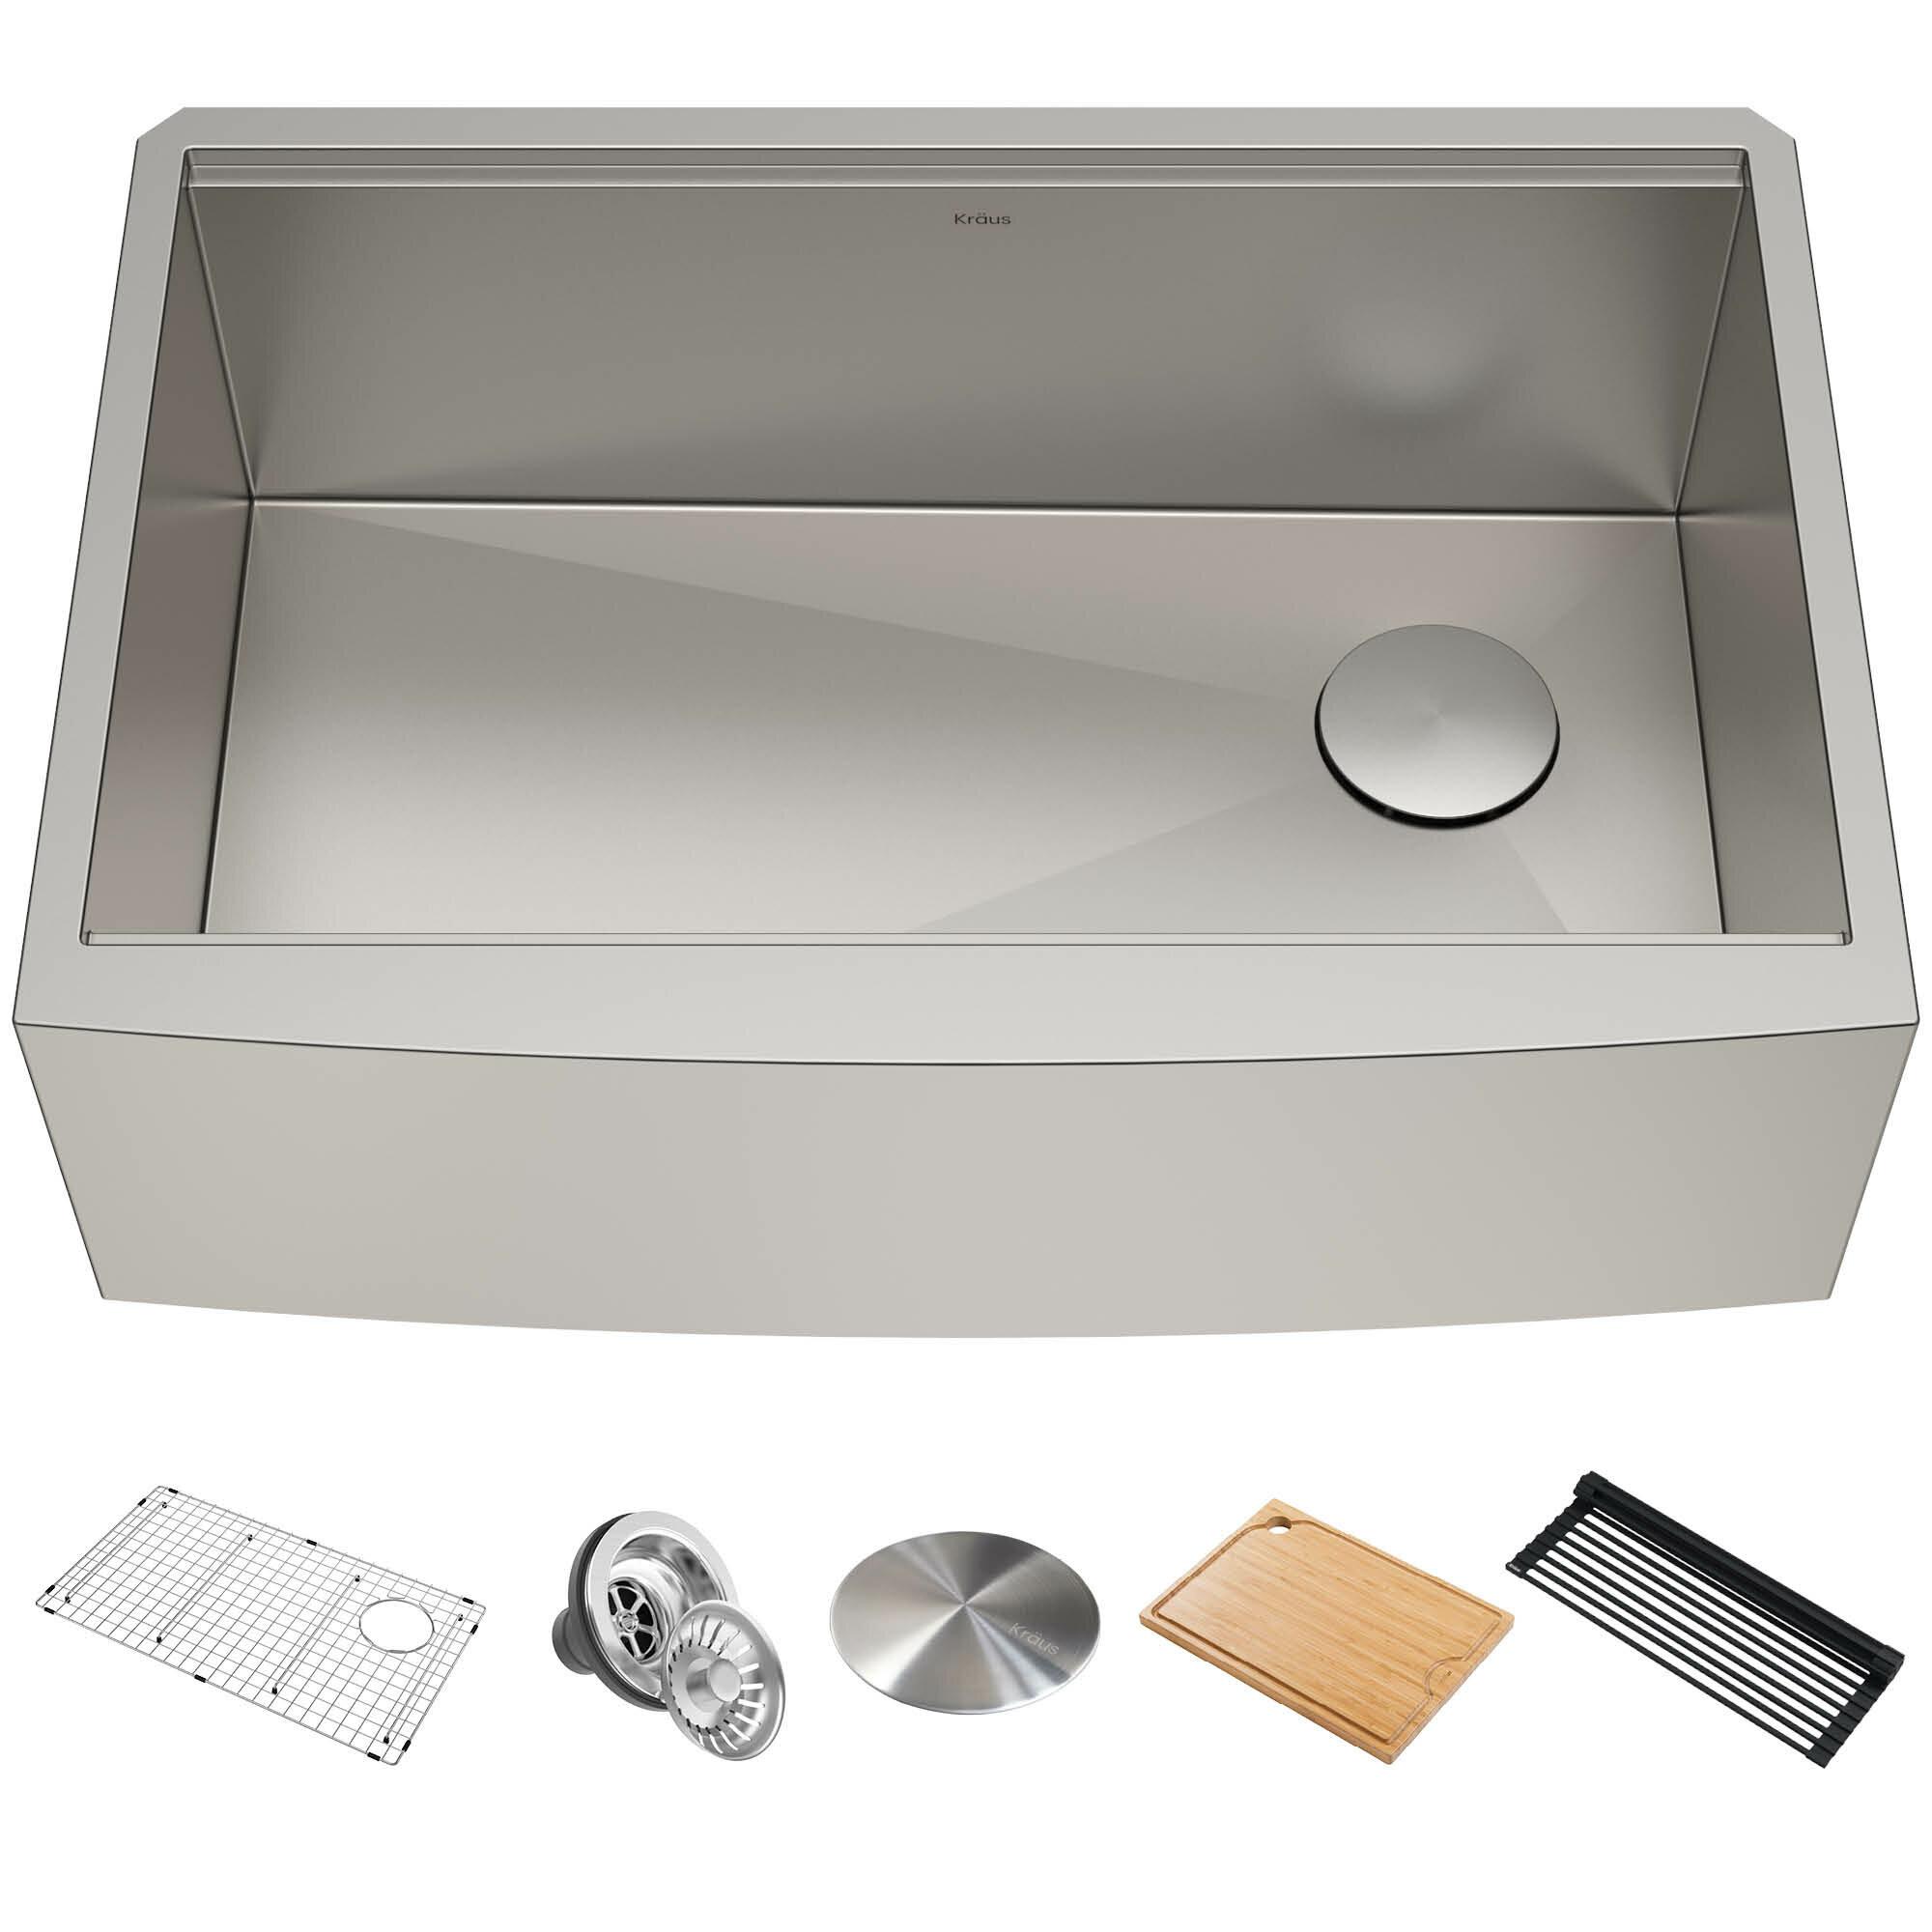 Kraus Kore Workstation 30 L X 21 W Farmhouse Kitchen Sink With Basket Strainer Reviews Wayfair